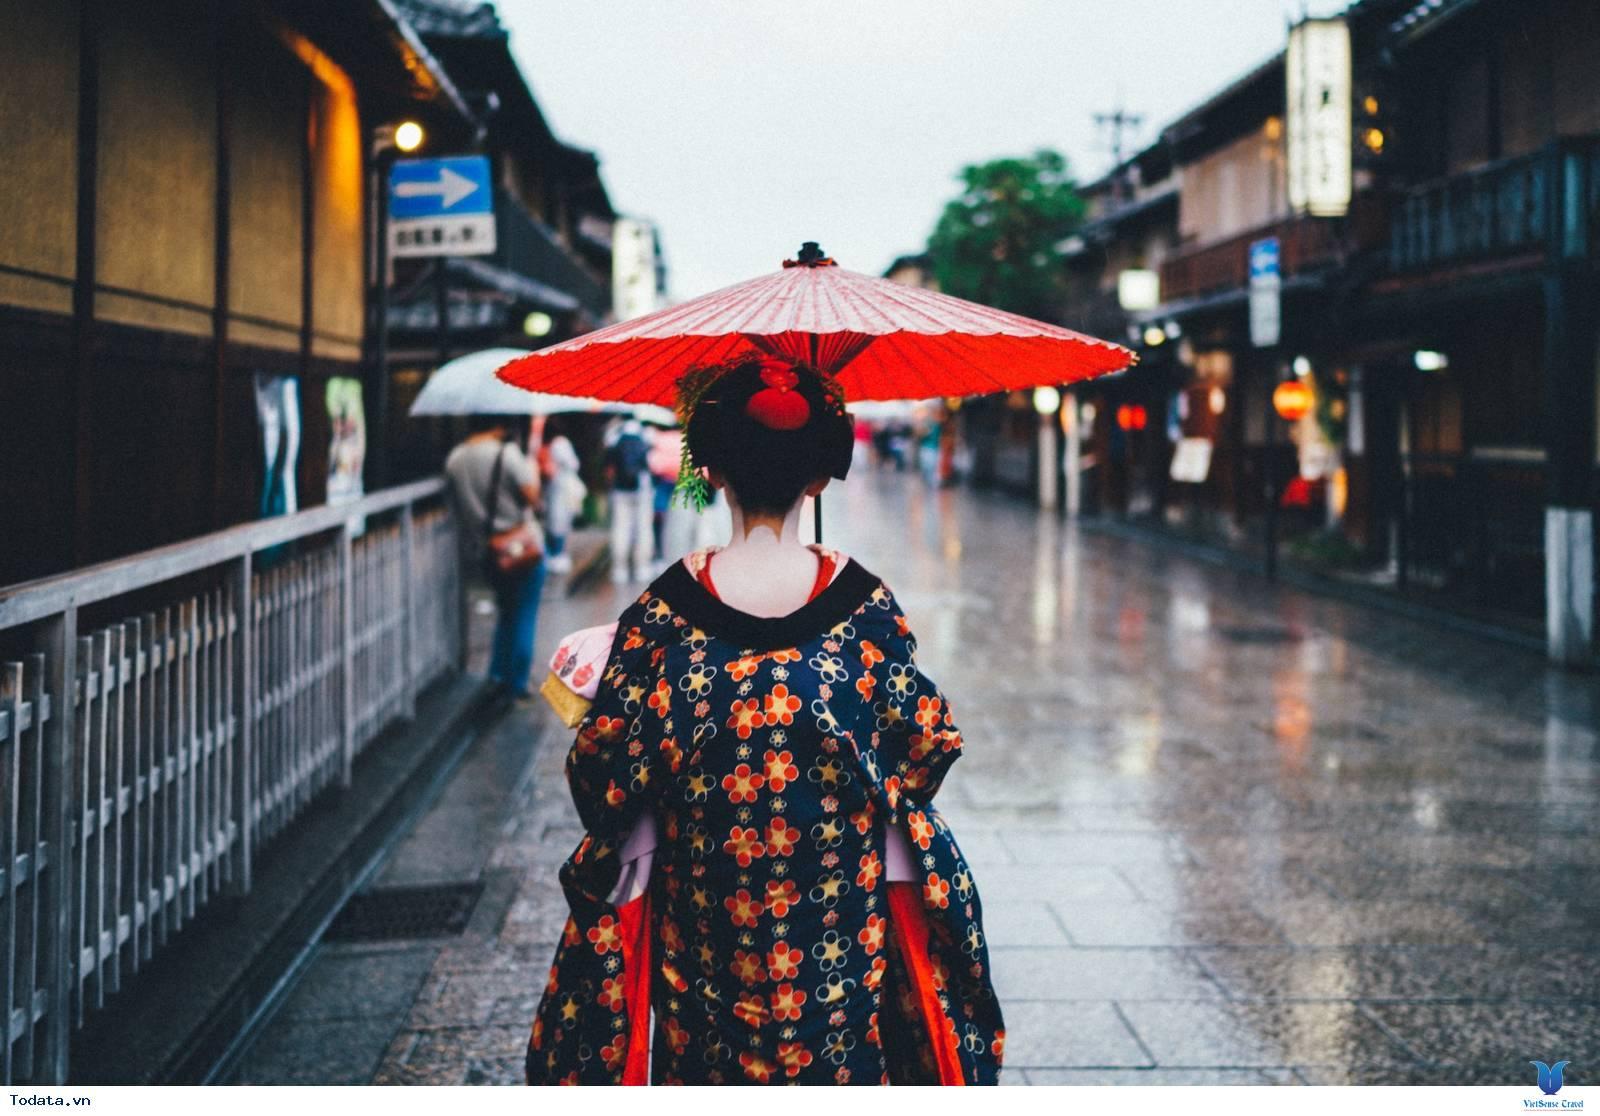 Ngắm càng nàng geisha xinh đẹp ở khu phố cổ Gion - Ảnh 2